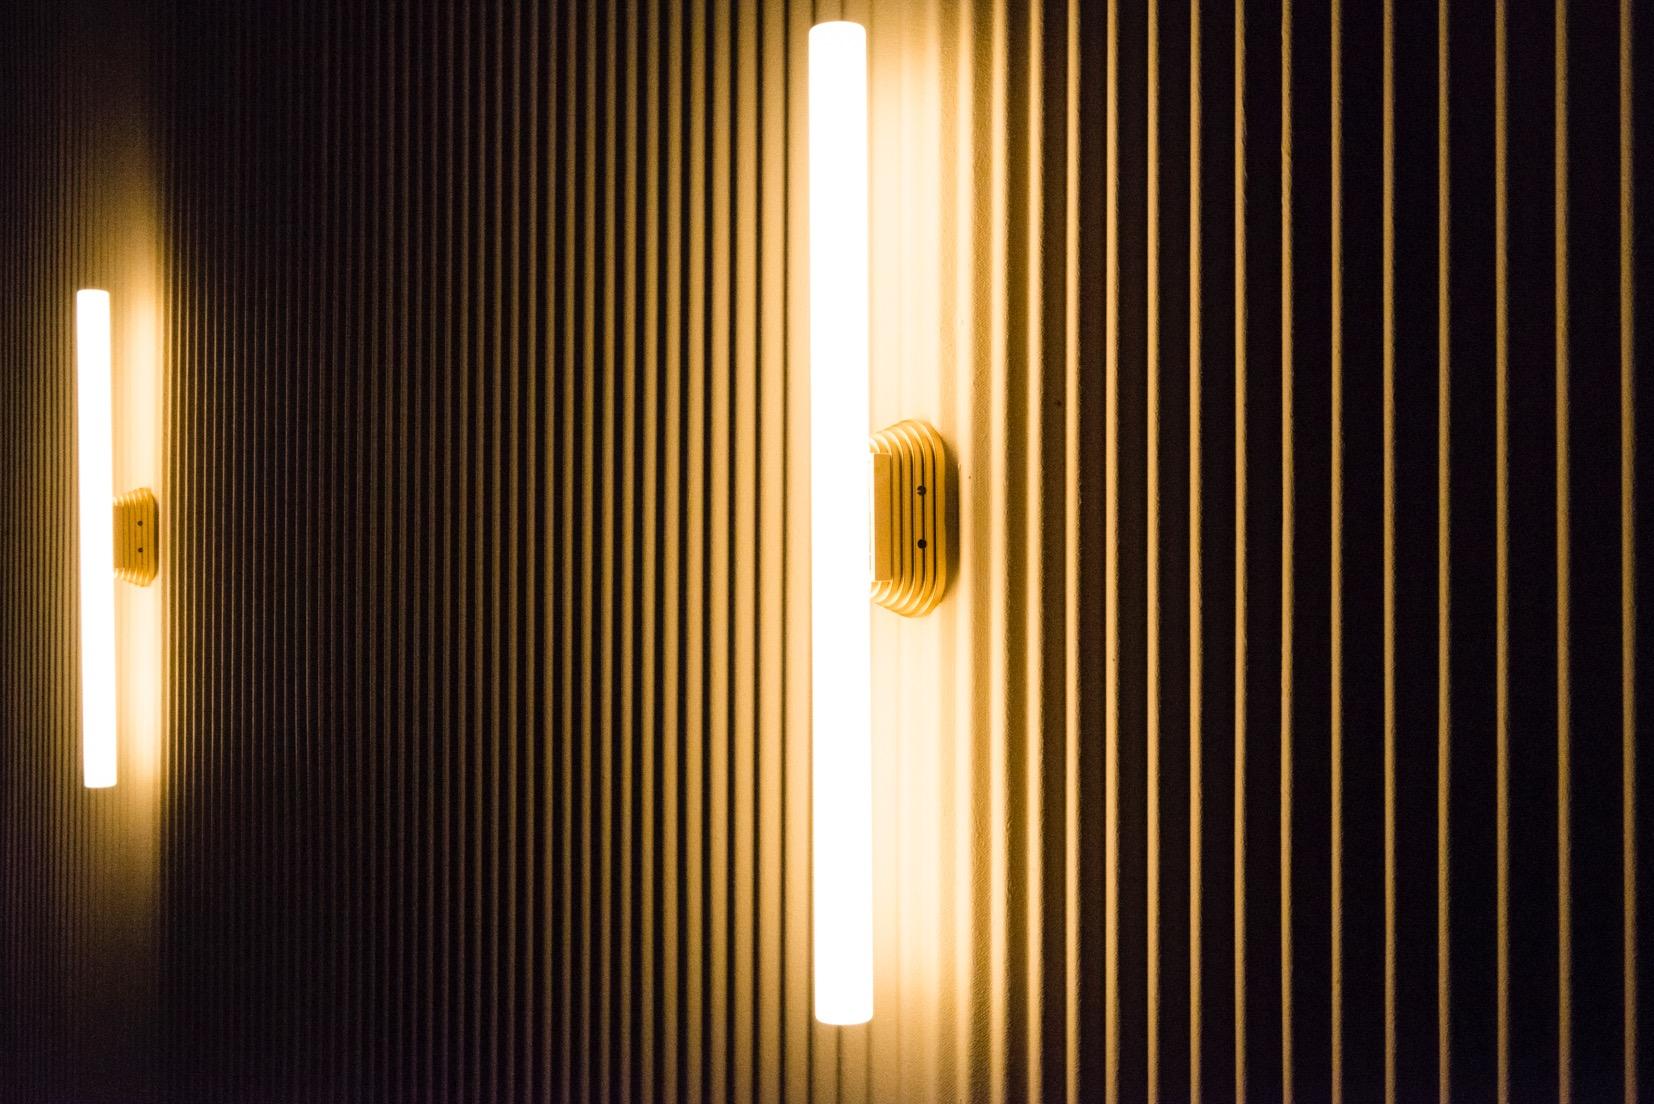 © Julien Fernandez - Bordeaux - Mai 2014 - Centre de reeducation physique, cours de Verdun a Bordeaux. LaLa Architectes : Elodie Lataste et Fanny Lamire.